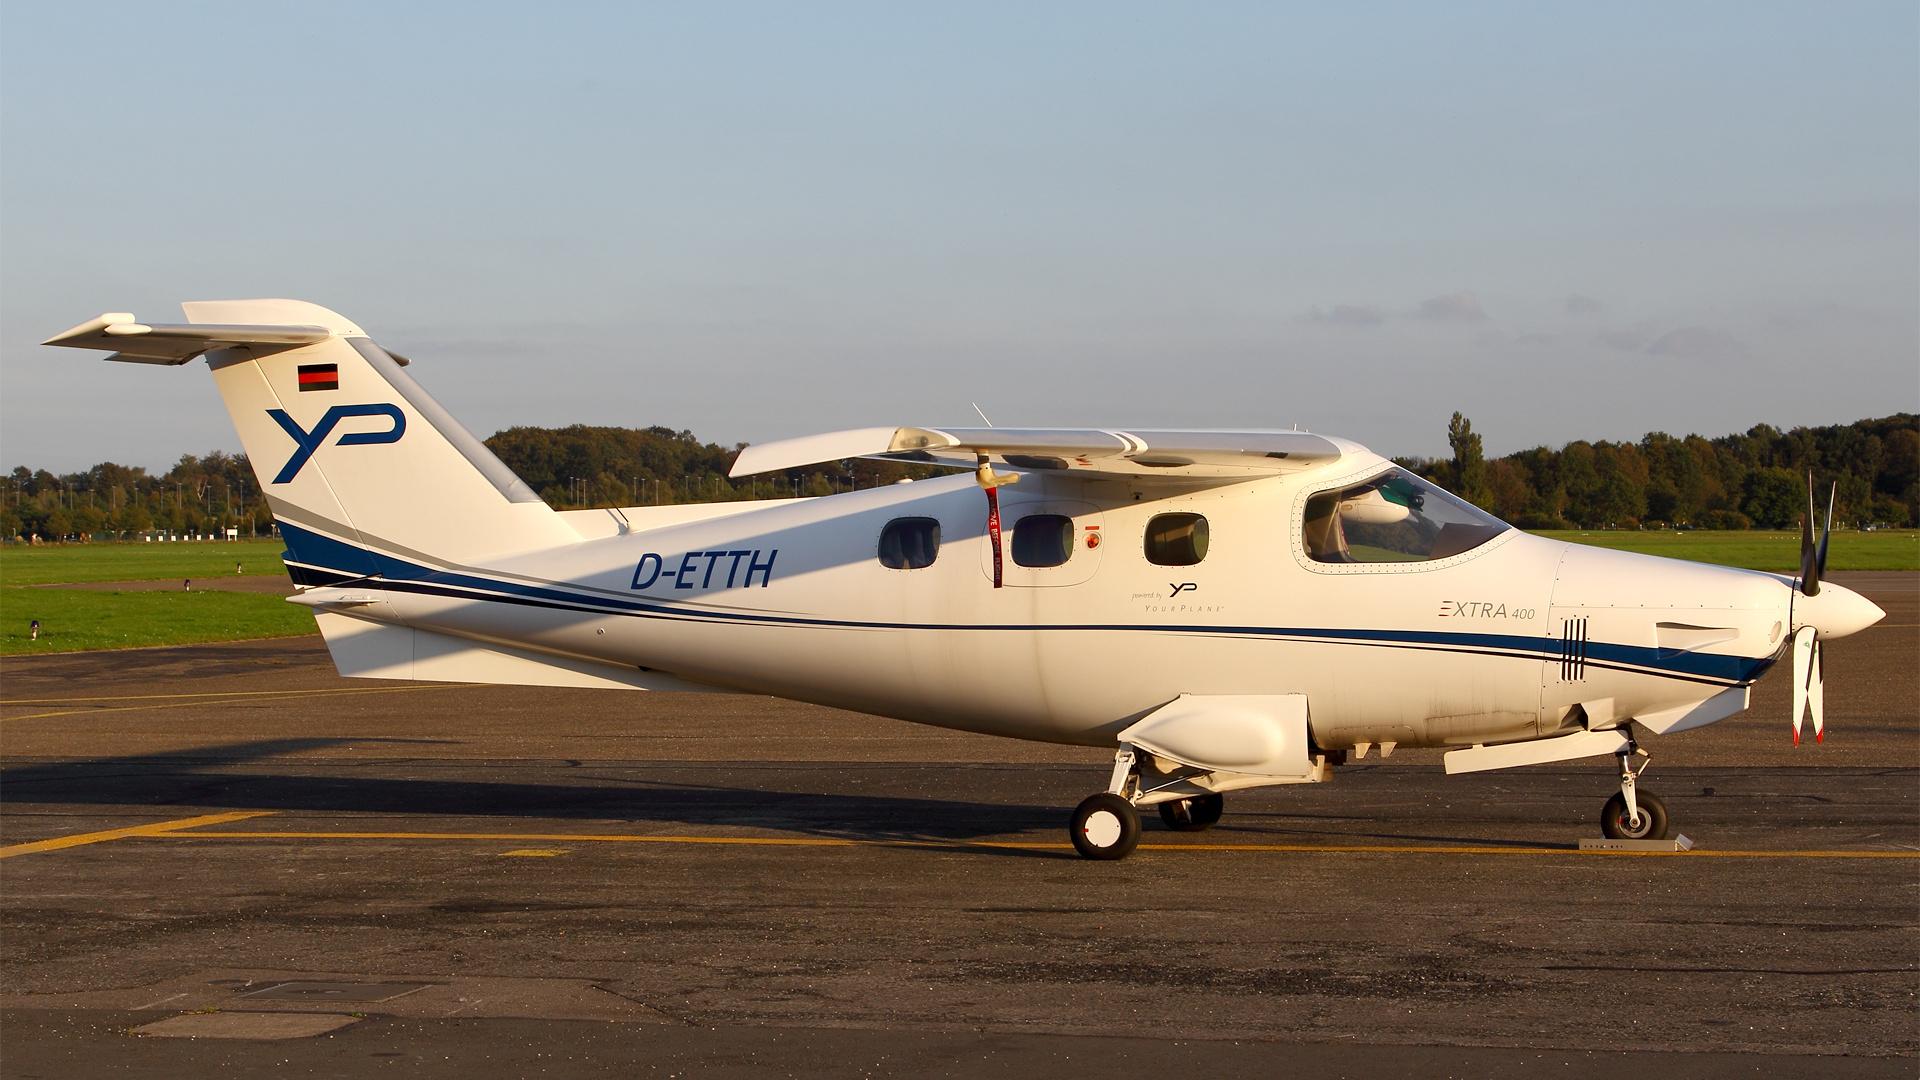 D-EETH-1 EXTRA400 ESS 201409